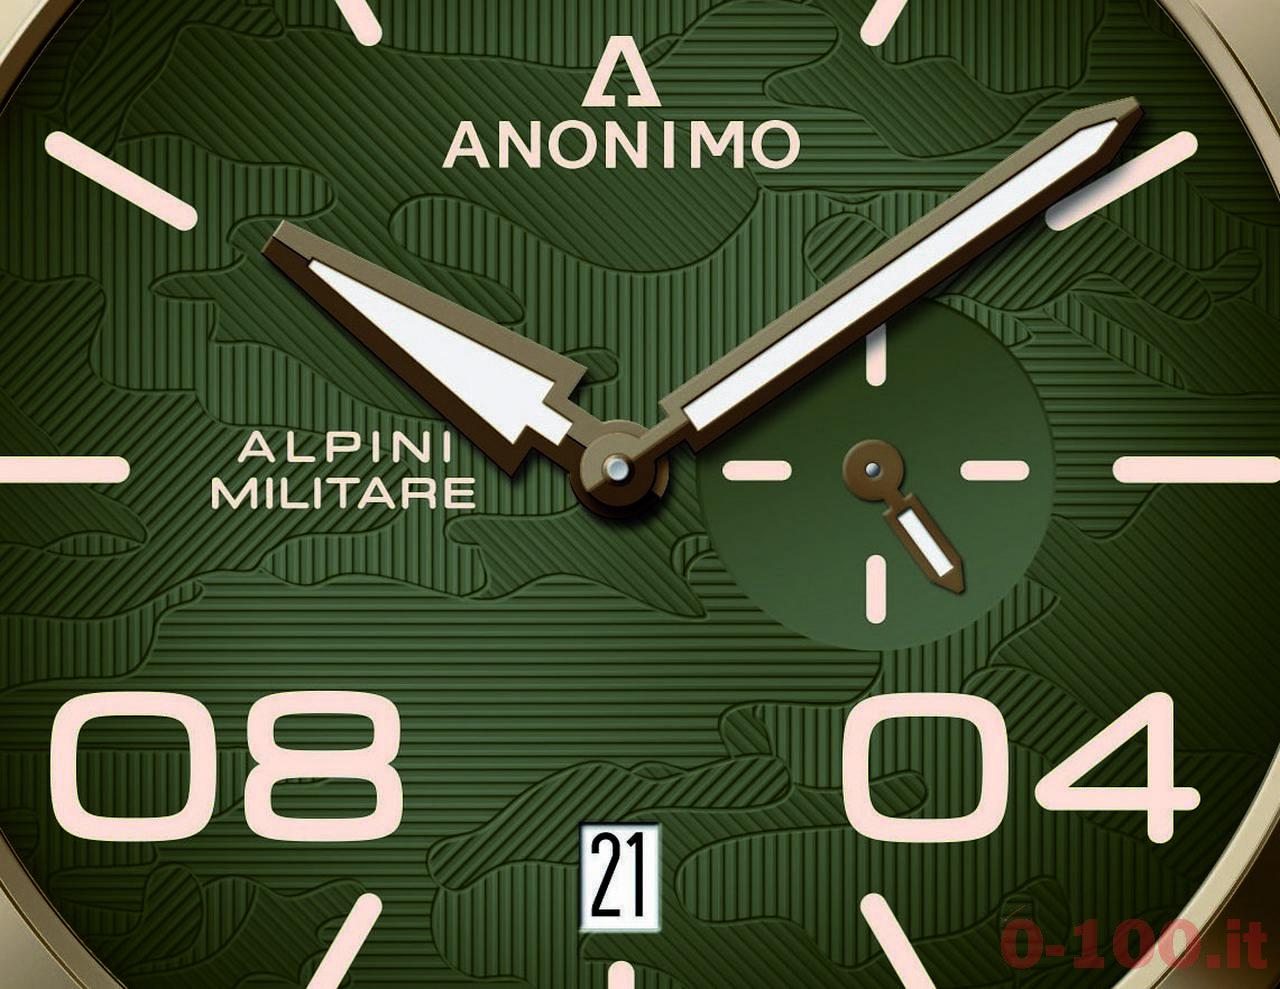 baselworld-2016-anonimo-militare-alpini-camouflage_0-1003